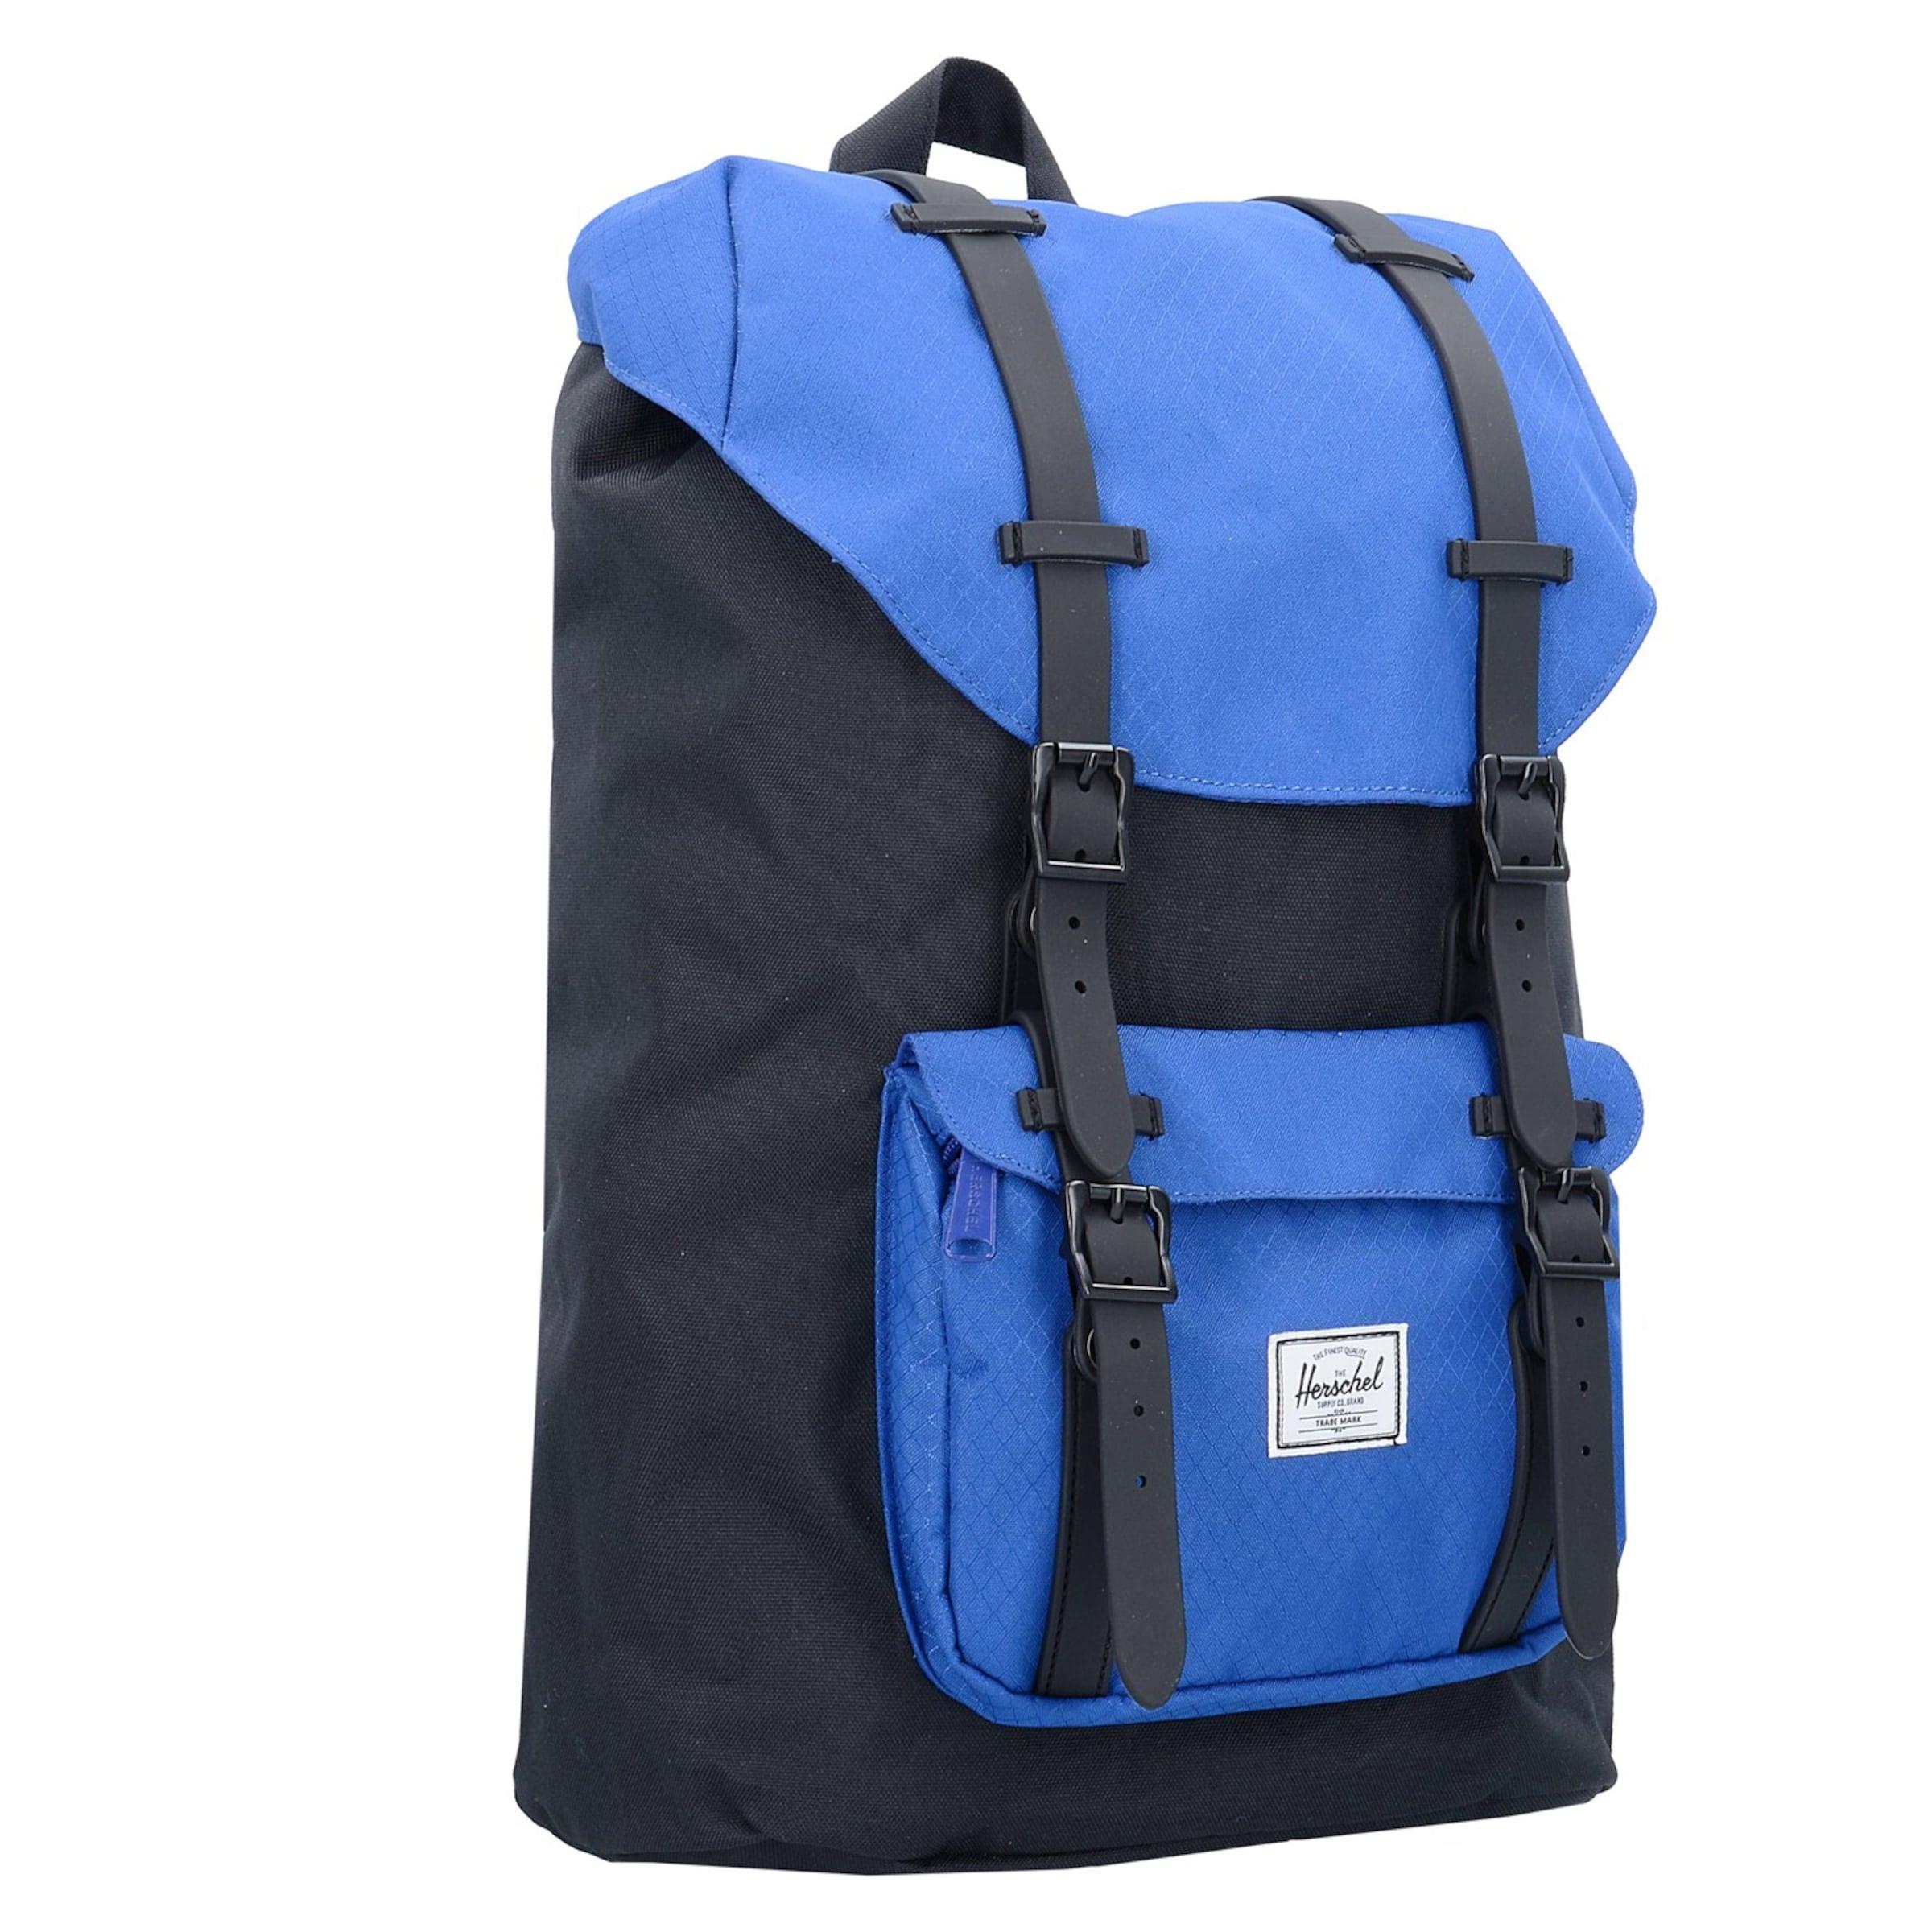 17 In Volume Backpack' Mid 'little I Herschel BlauSchwarz Mit Laptopfach Rucksack America K1cFJl